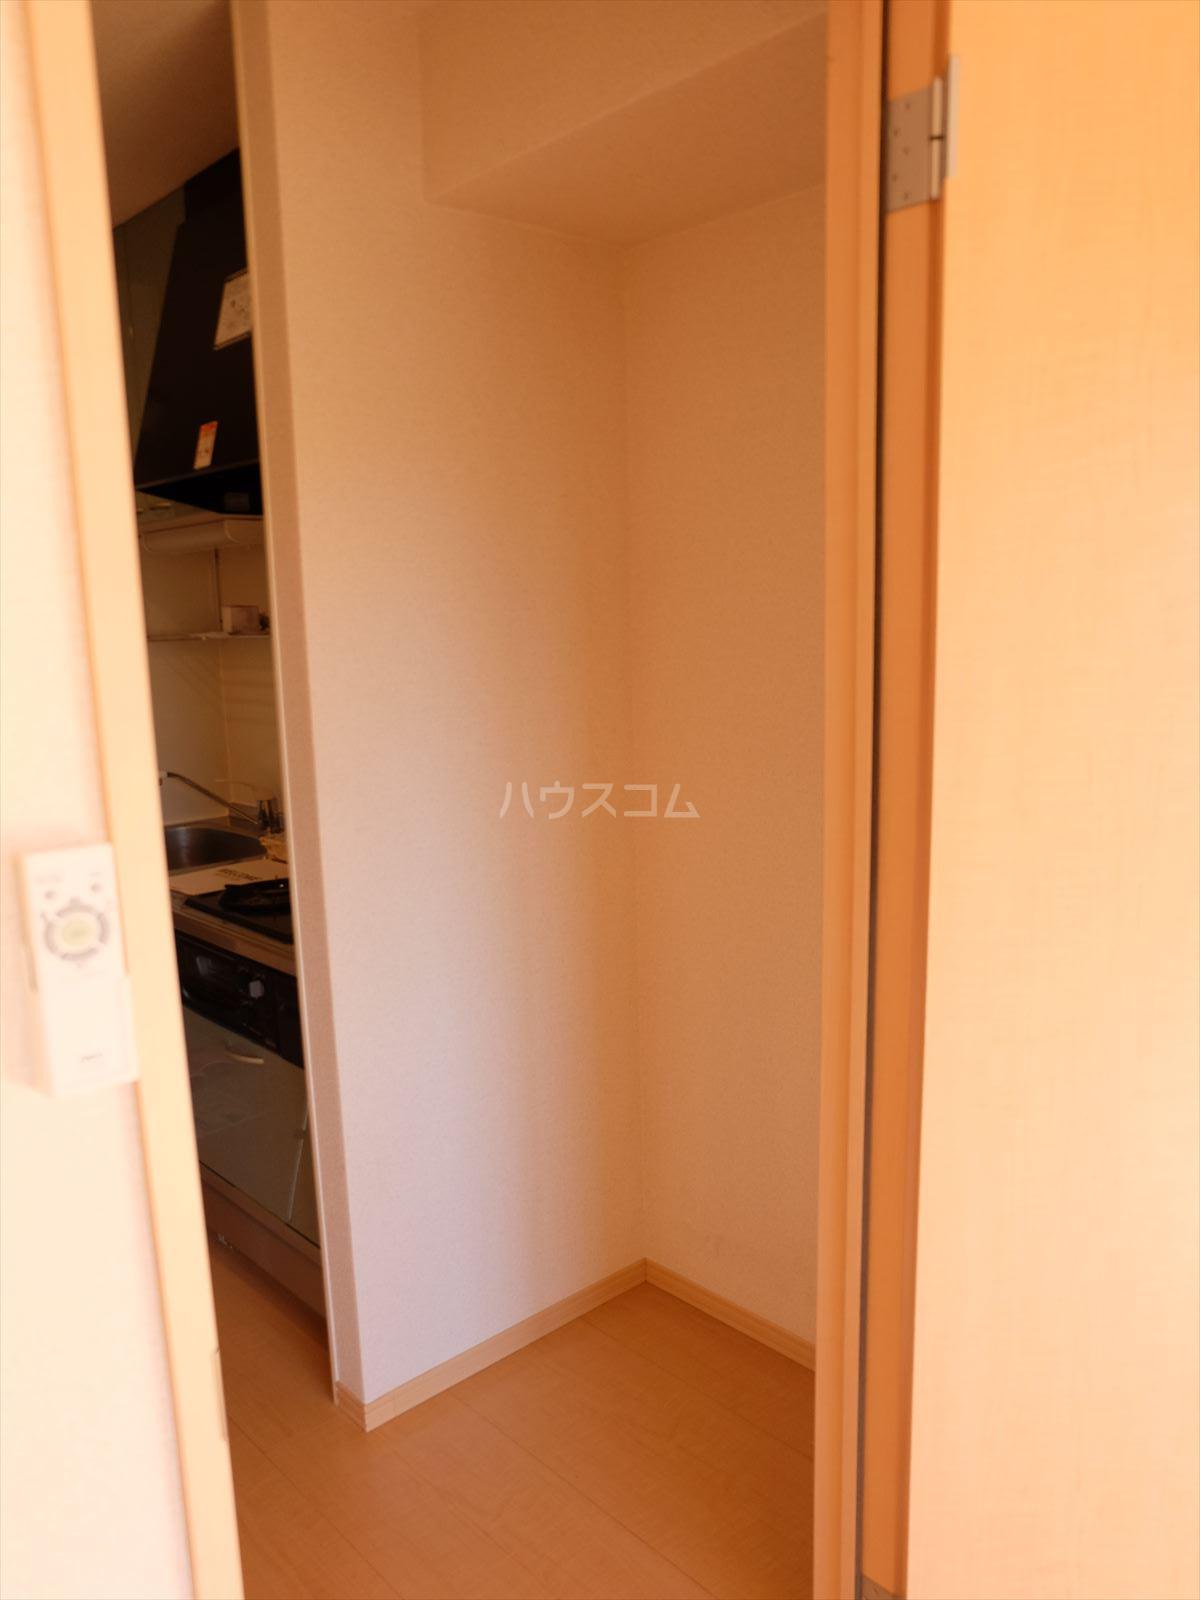 グランメール 201号室のその他